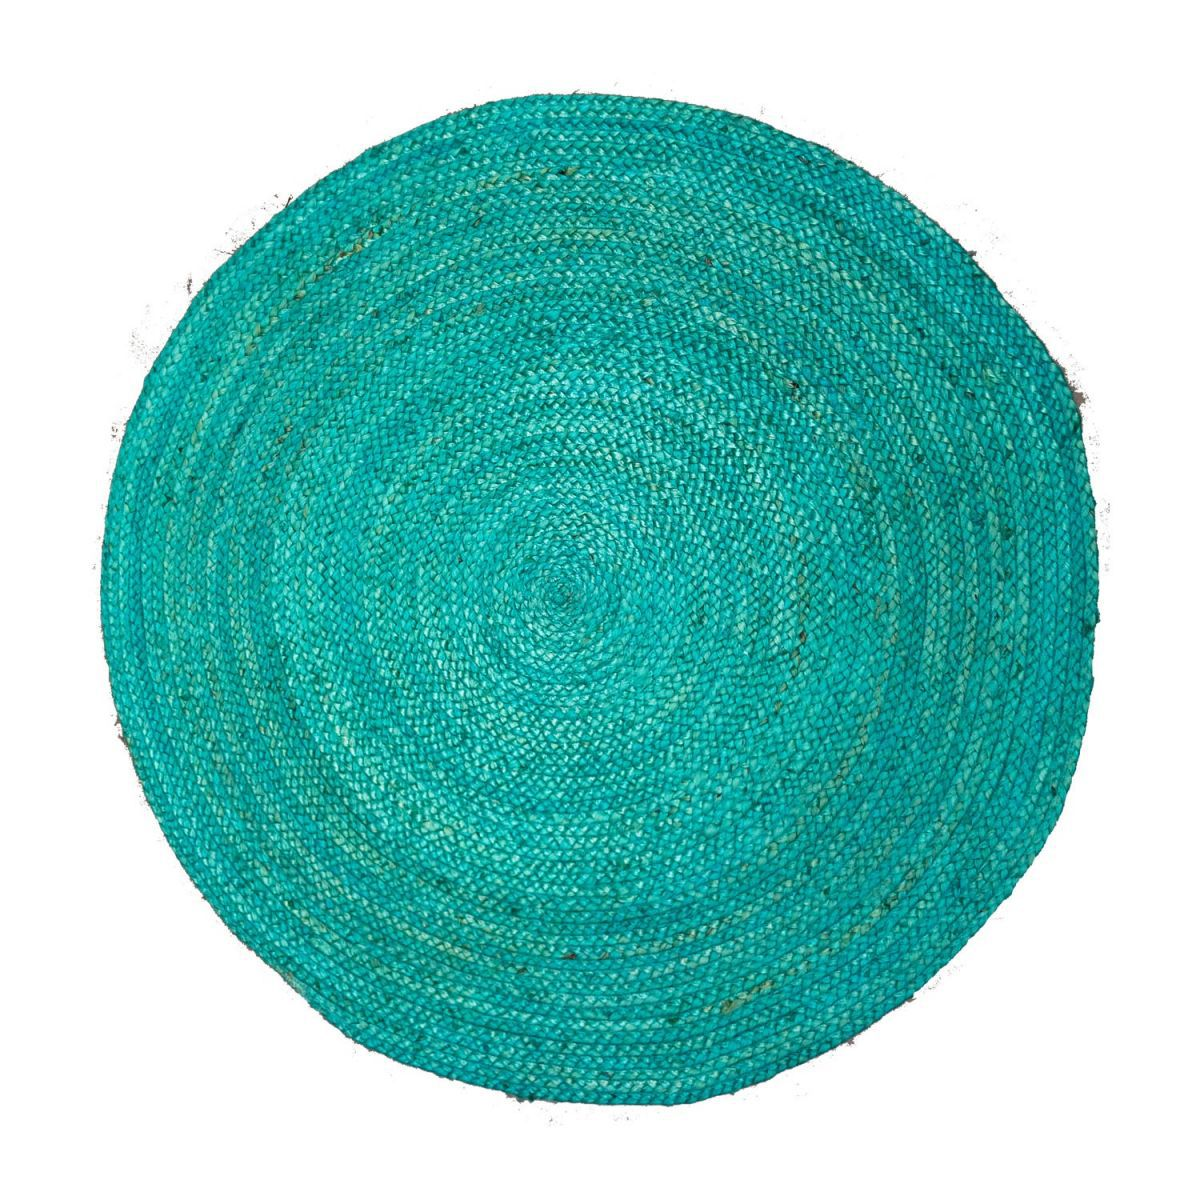 rug braided hemp seablue 120cm